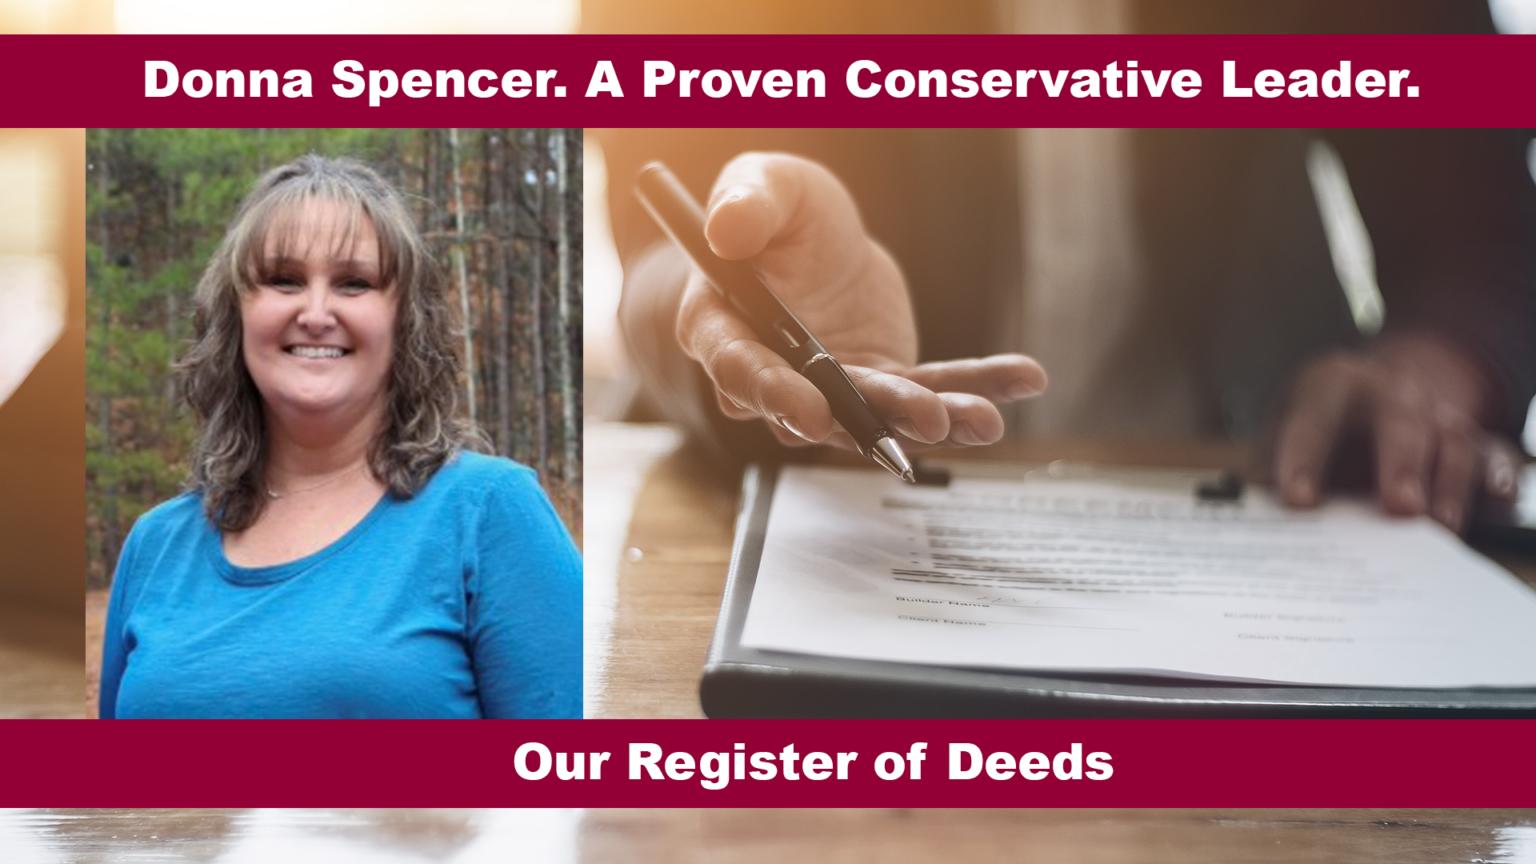 Donna Spencer Our Register of Deeds